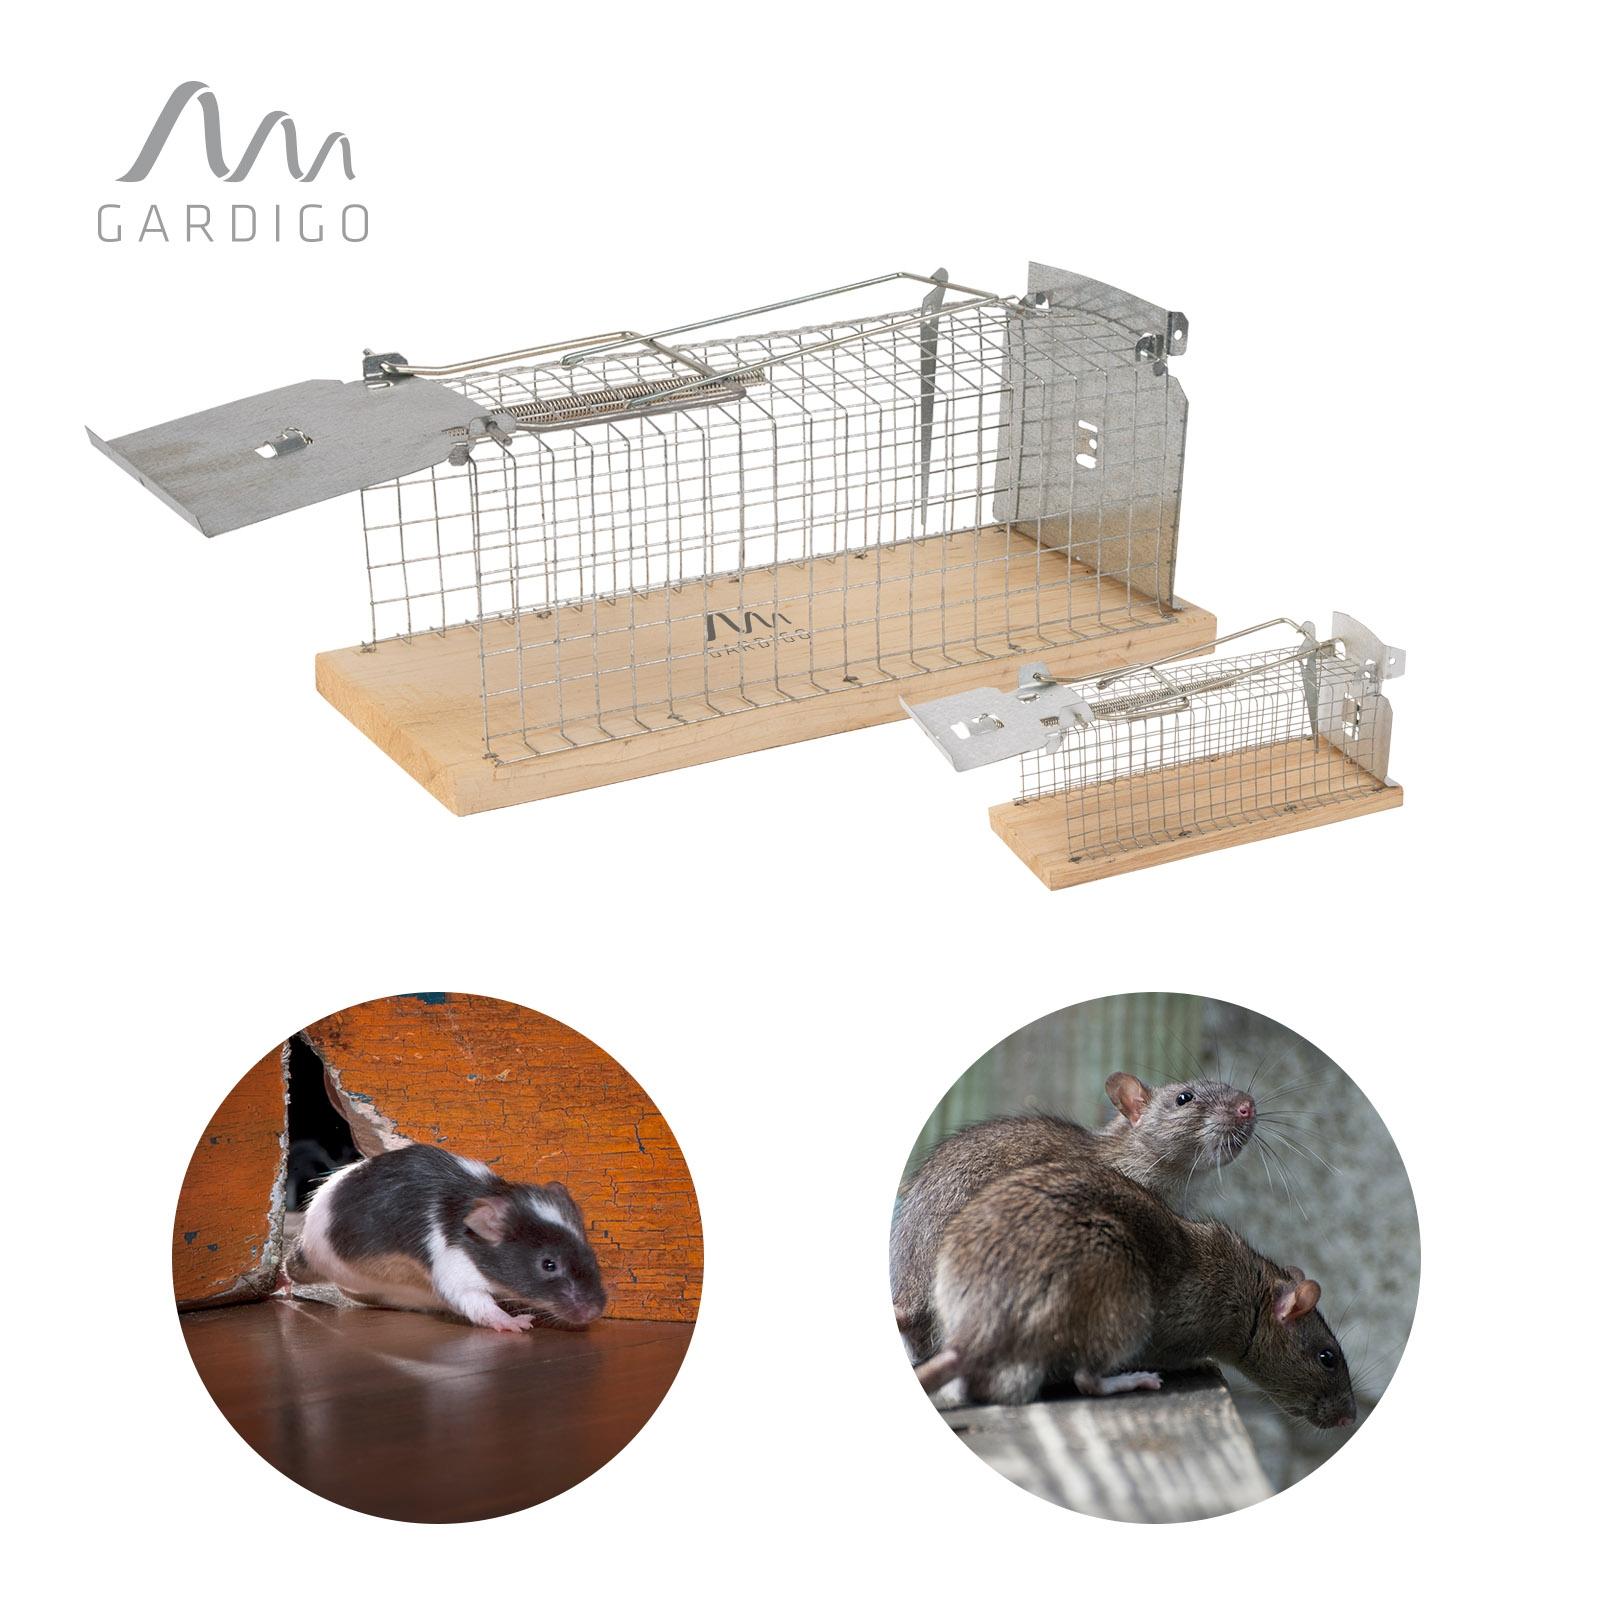 mausefalle rattenfalle k fig kombiset lebendfalle ratten. Black Bedroom Furniture Sets. Home Design Ideas